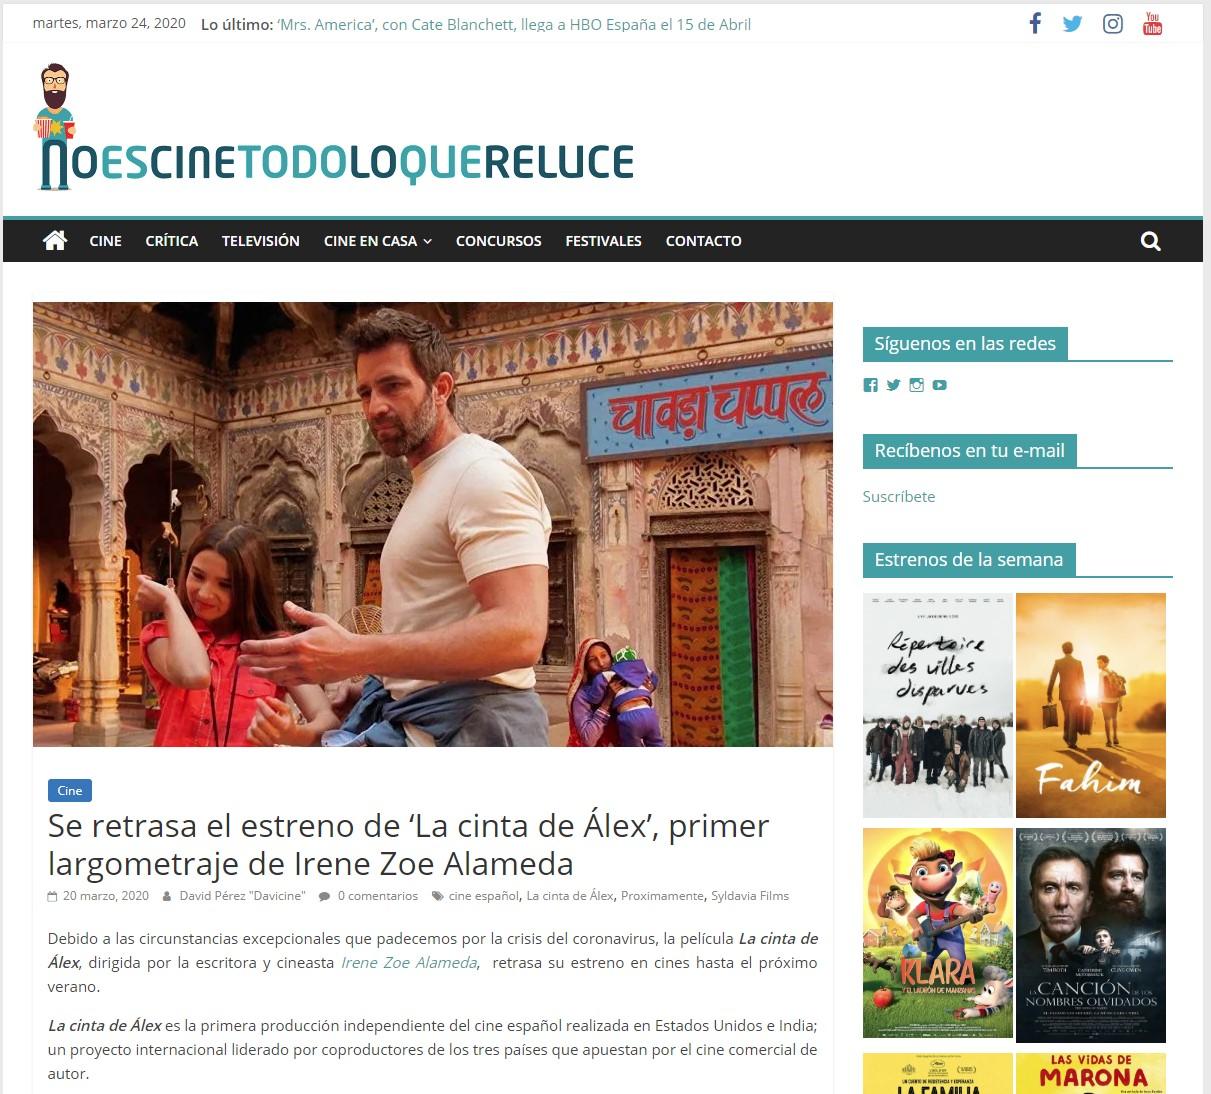 Se retrasa el estreno de 'La cinta de Álex', primer largometraje de Irene Zoe Alameda